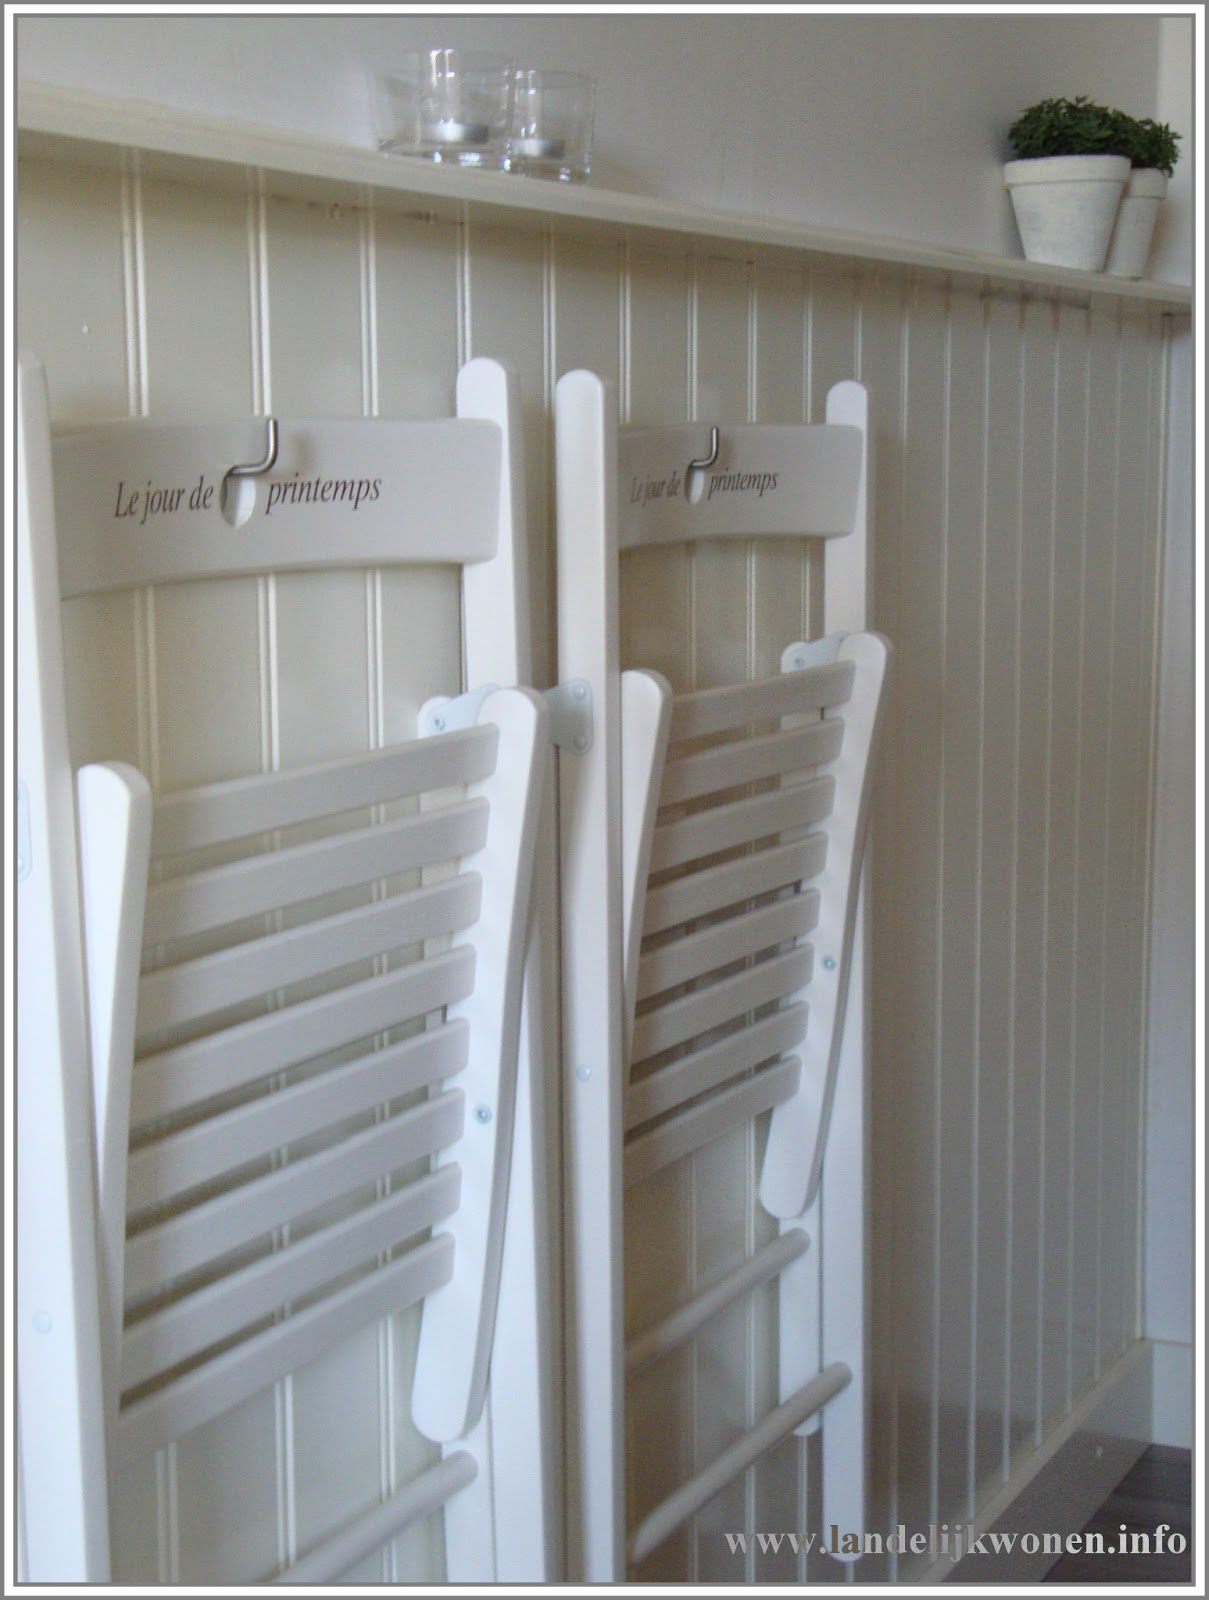 landelijk wonen long island style. Black Bedroom Furniture Sets. Home Design Ideas